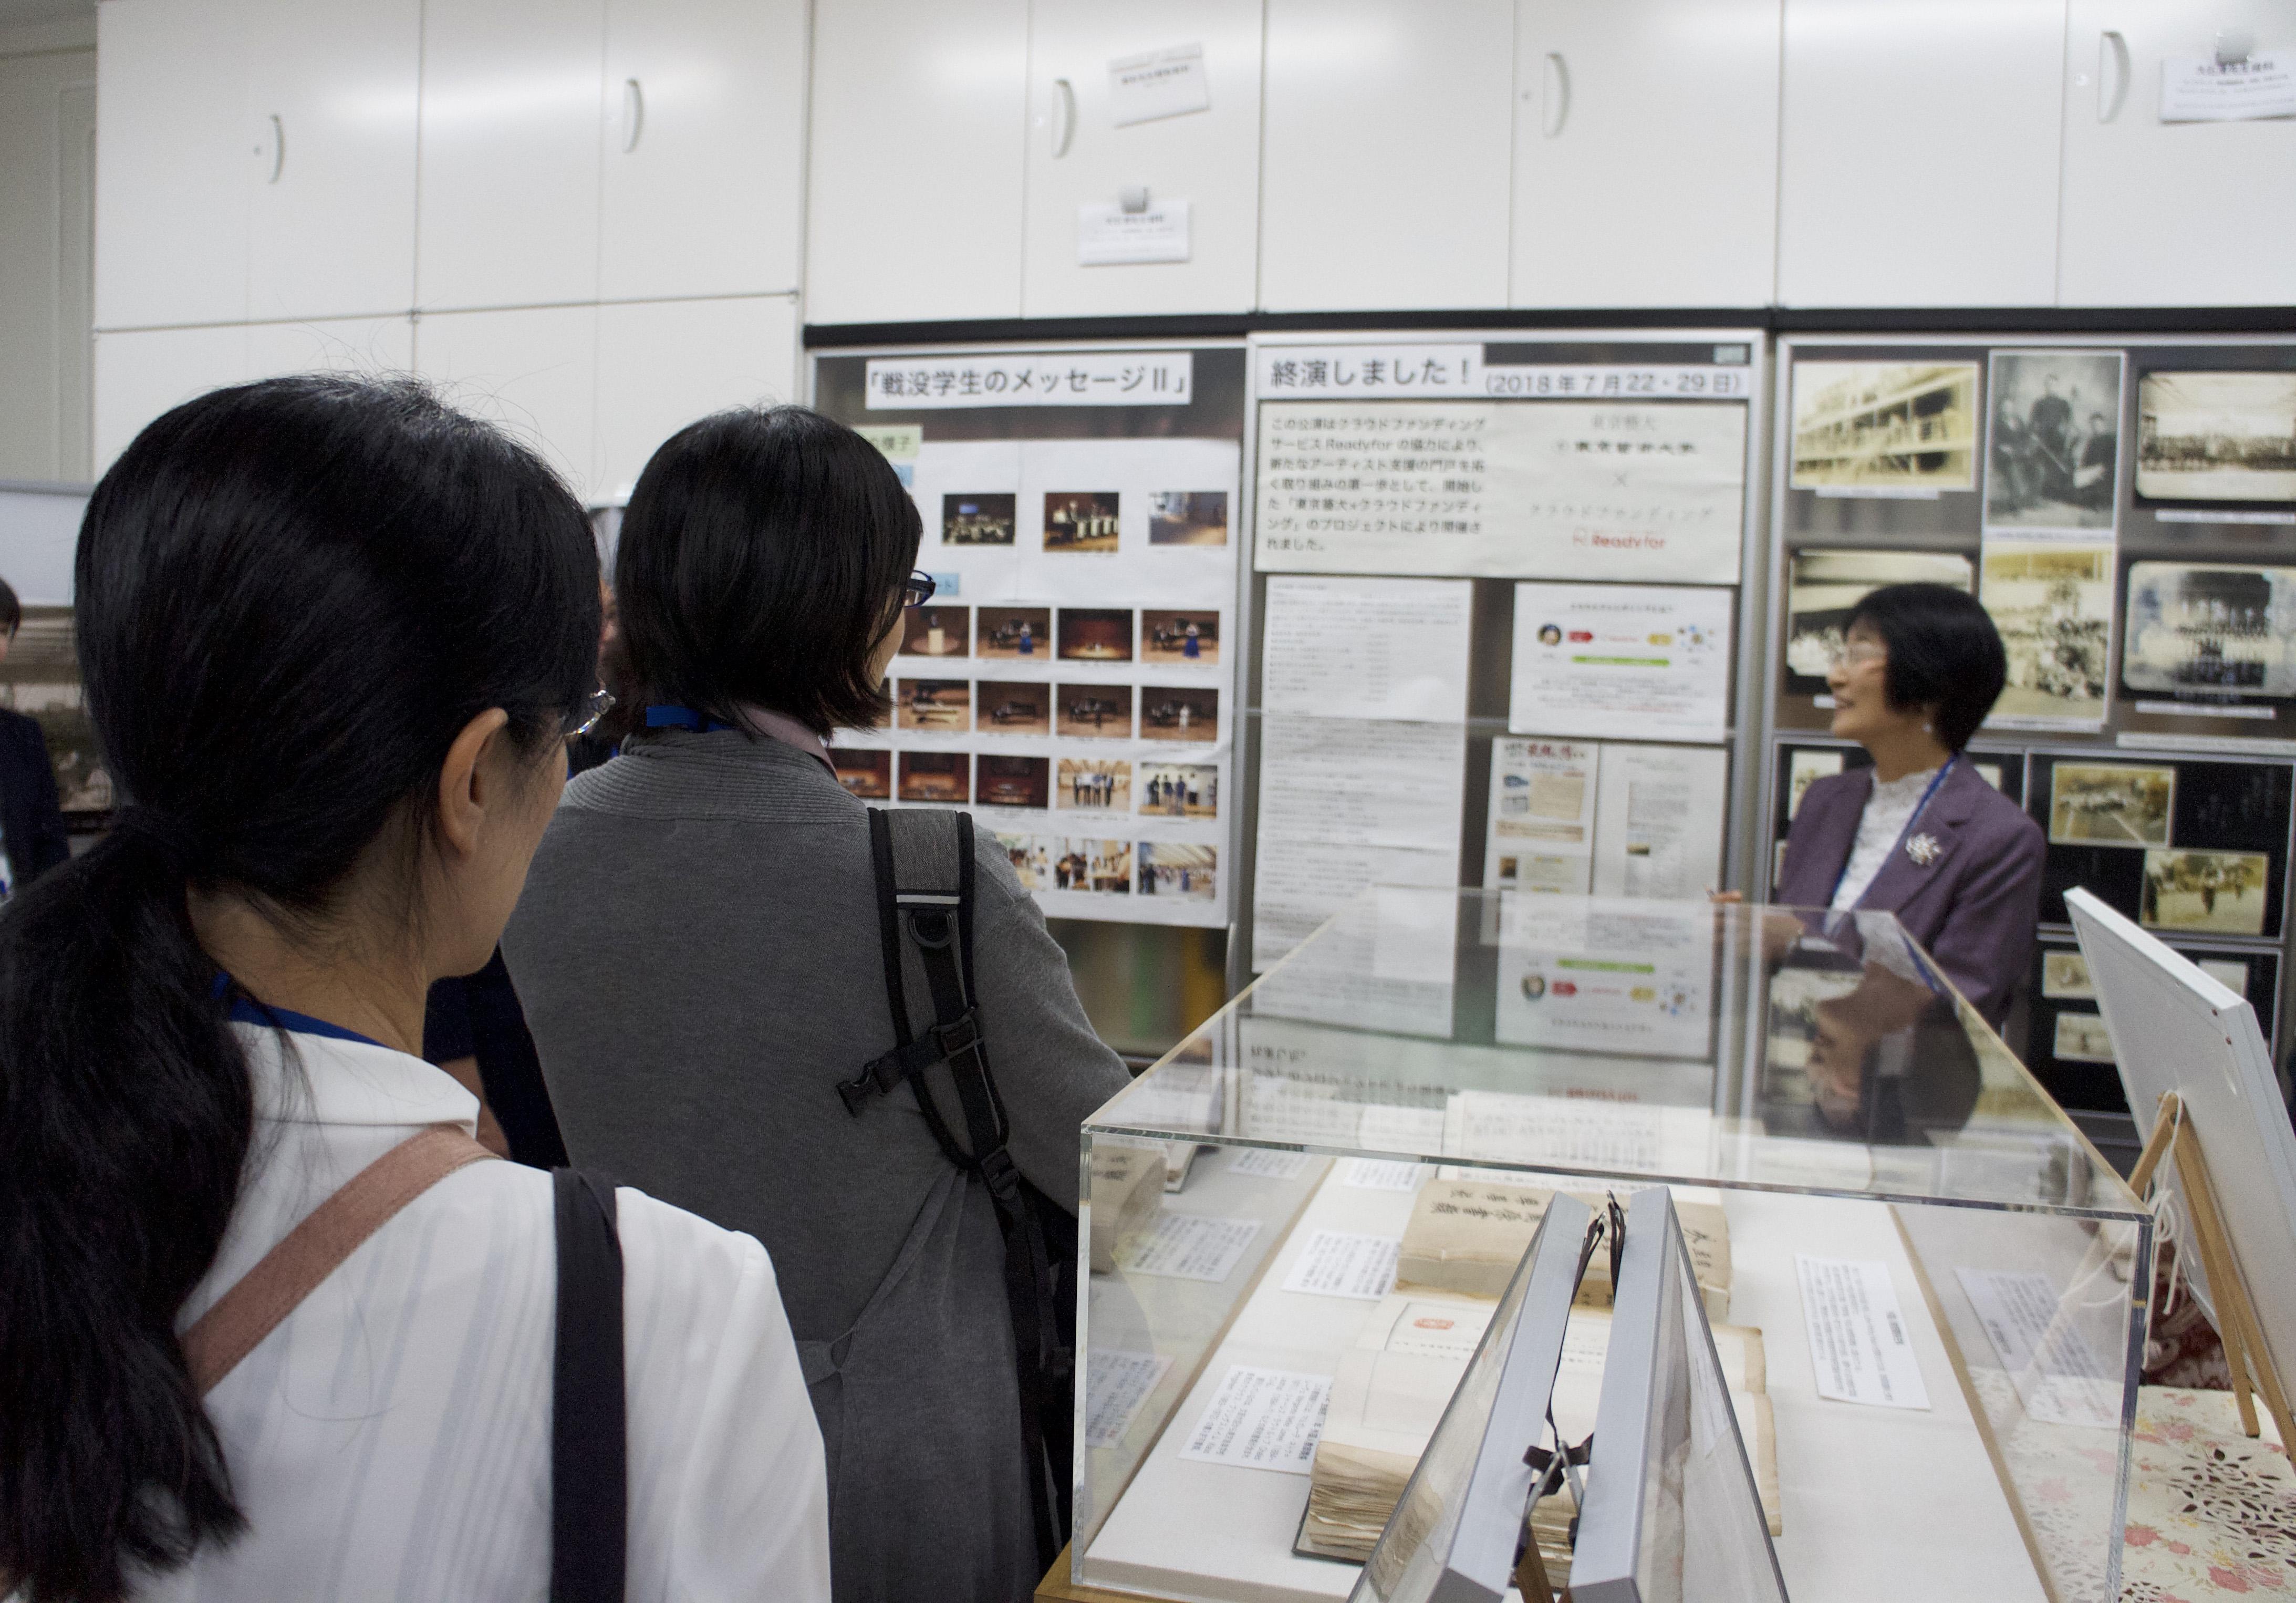 日本音楽教育学会第50回大会が開催されました